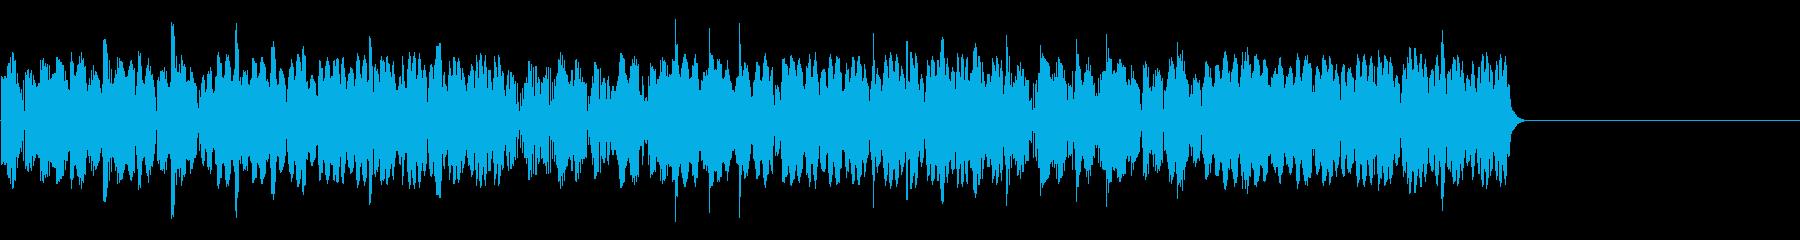 ゲームセンターのクレーンゲームの音 3回の再生済みの波形